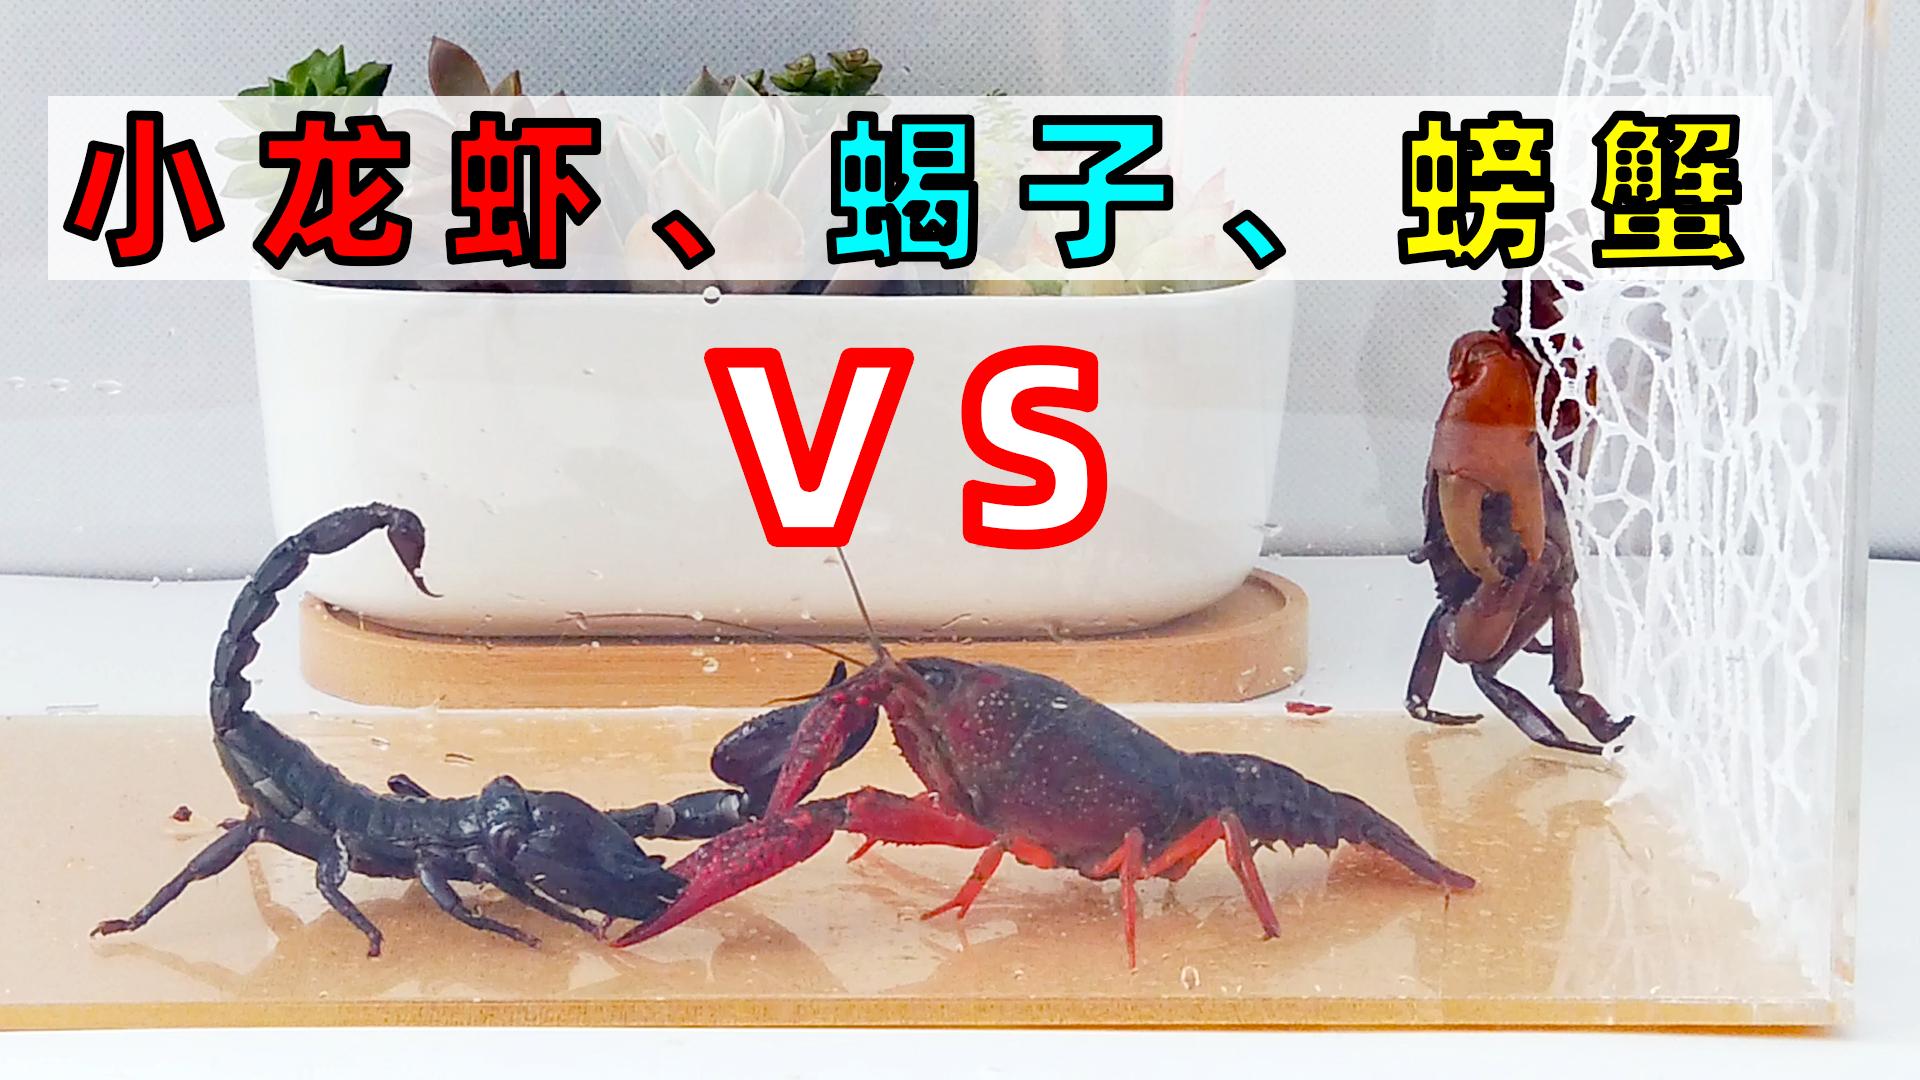 将小龙虾、蝎子、螃蟹放一起,看看谁才是王者?